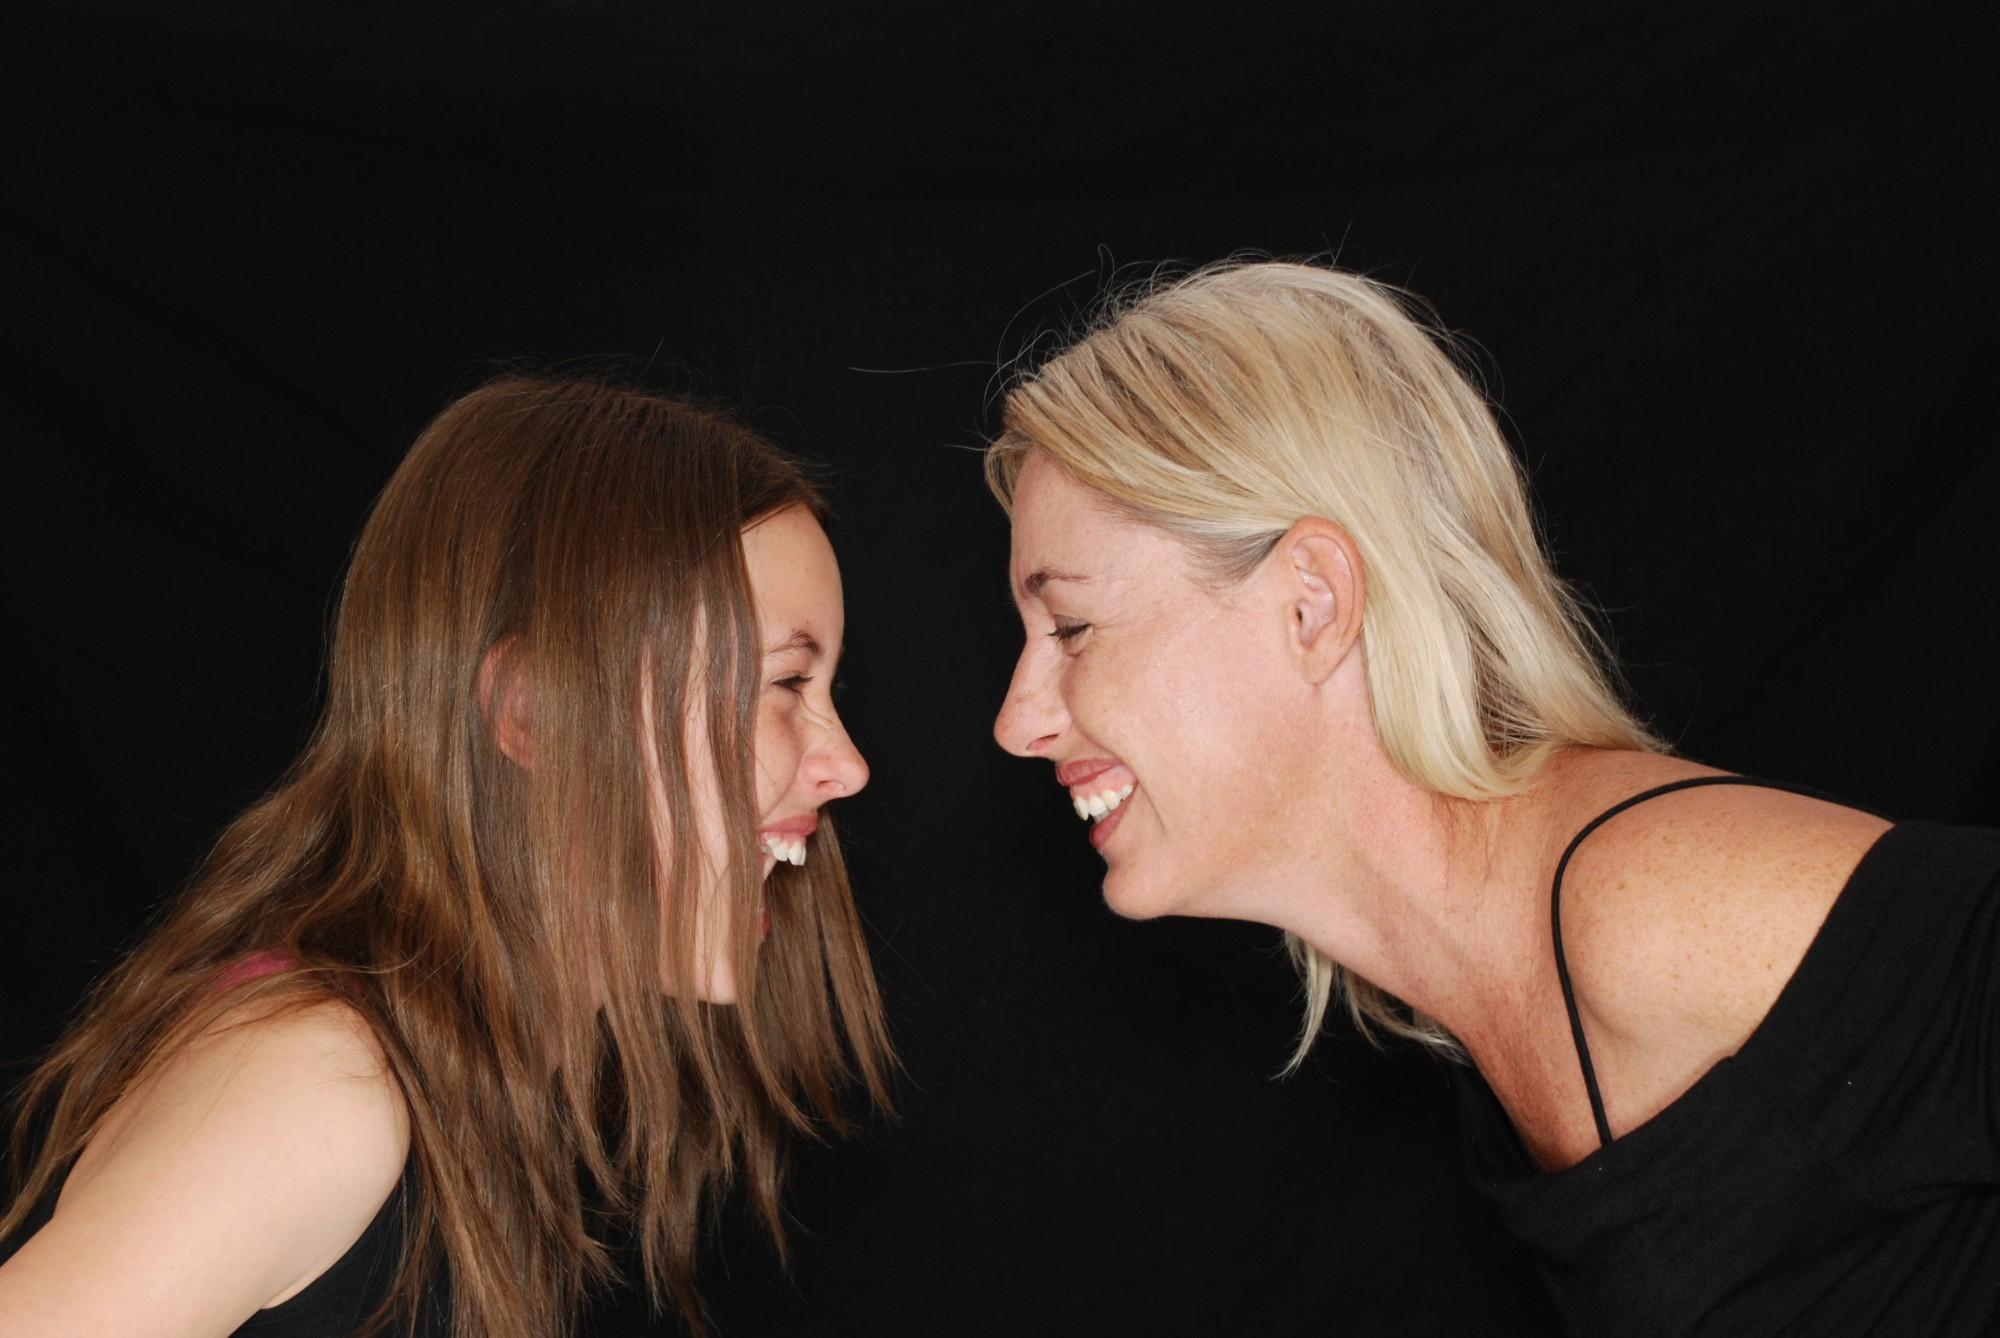 סדנת צילום חוויתית ומעצימה לאמהות ובנות בגיל ההתבגרות התורמת לחיזוק והעמקת הקשר ומעודדת תקשורת הדדית מקרבת.  במהלך הסדנא נלמד טיפים מעולים בצילום, נצלם ונצטלם ונראה את השתקפותינו בעיני בנותינו ולהיפך. נתרגל תקשורת בעזרת צילומים ועוד תרגילים מרתקים.  בסוף הסדנא תזכו להצטלם ביחד בסטודיו ותקבלו תמונות למזכרת.  עלות - 250 ש